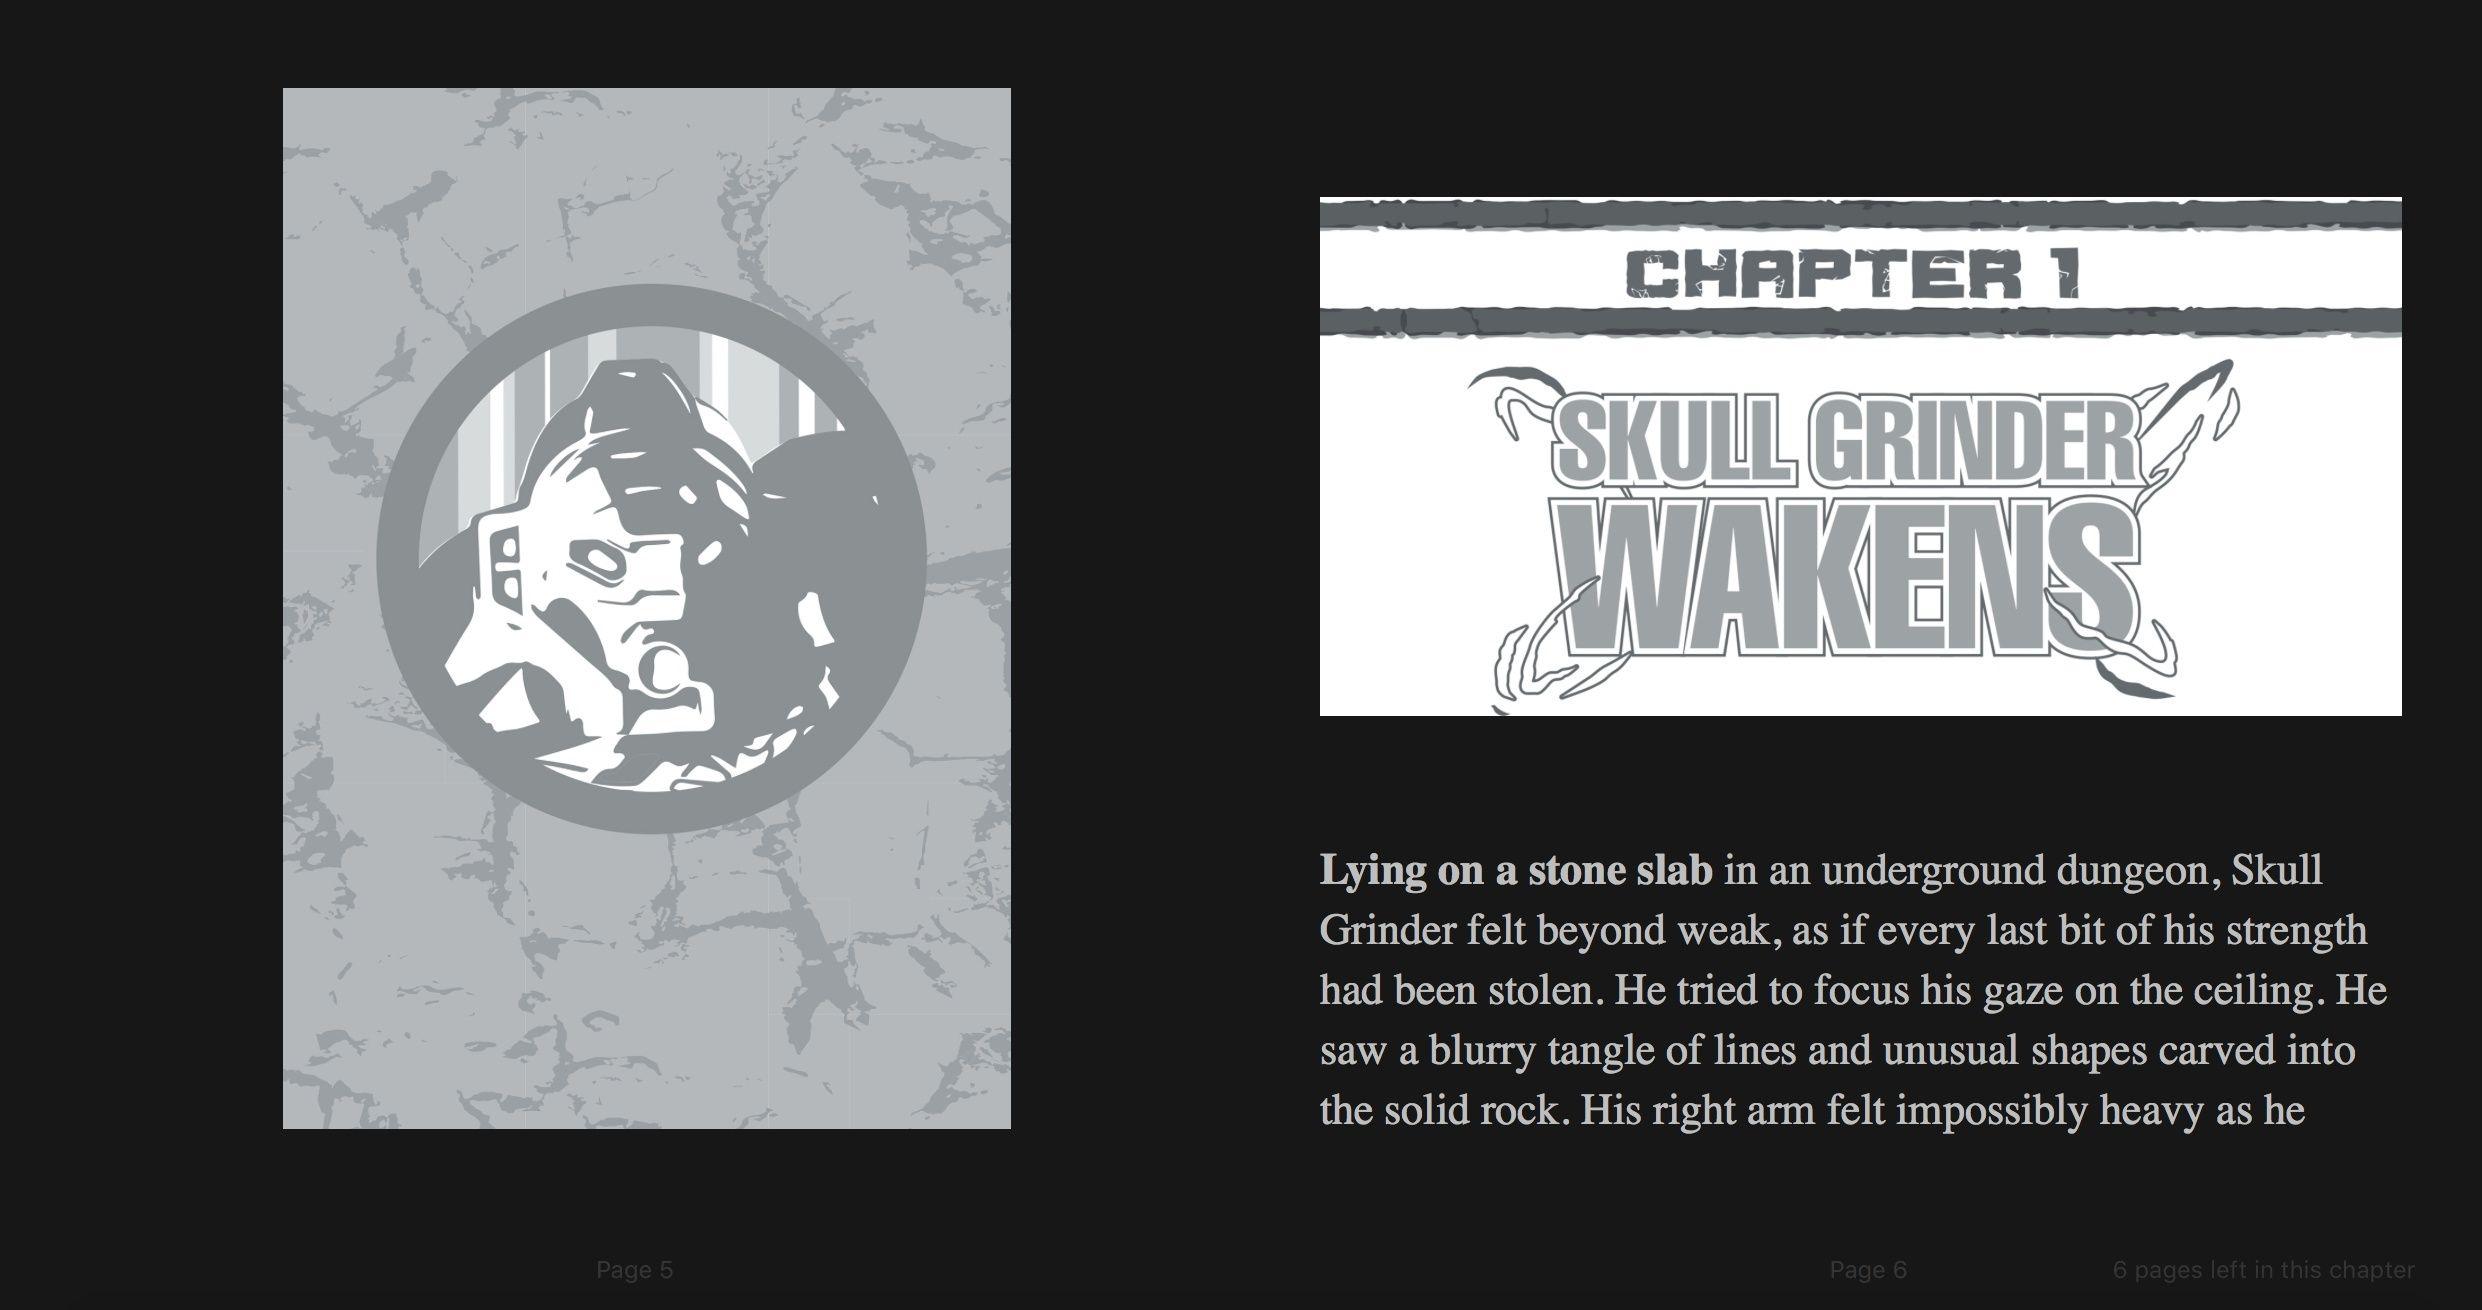 [Culture] Un troisième livre Bionicle est annoncé Clix8k10